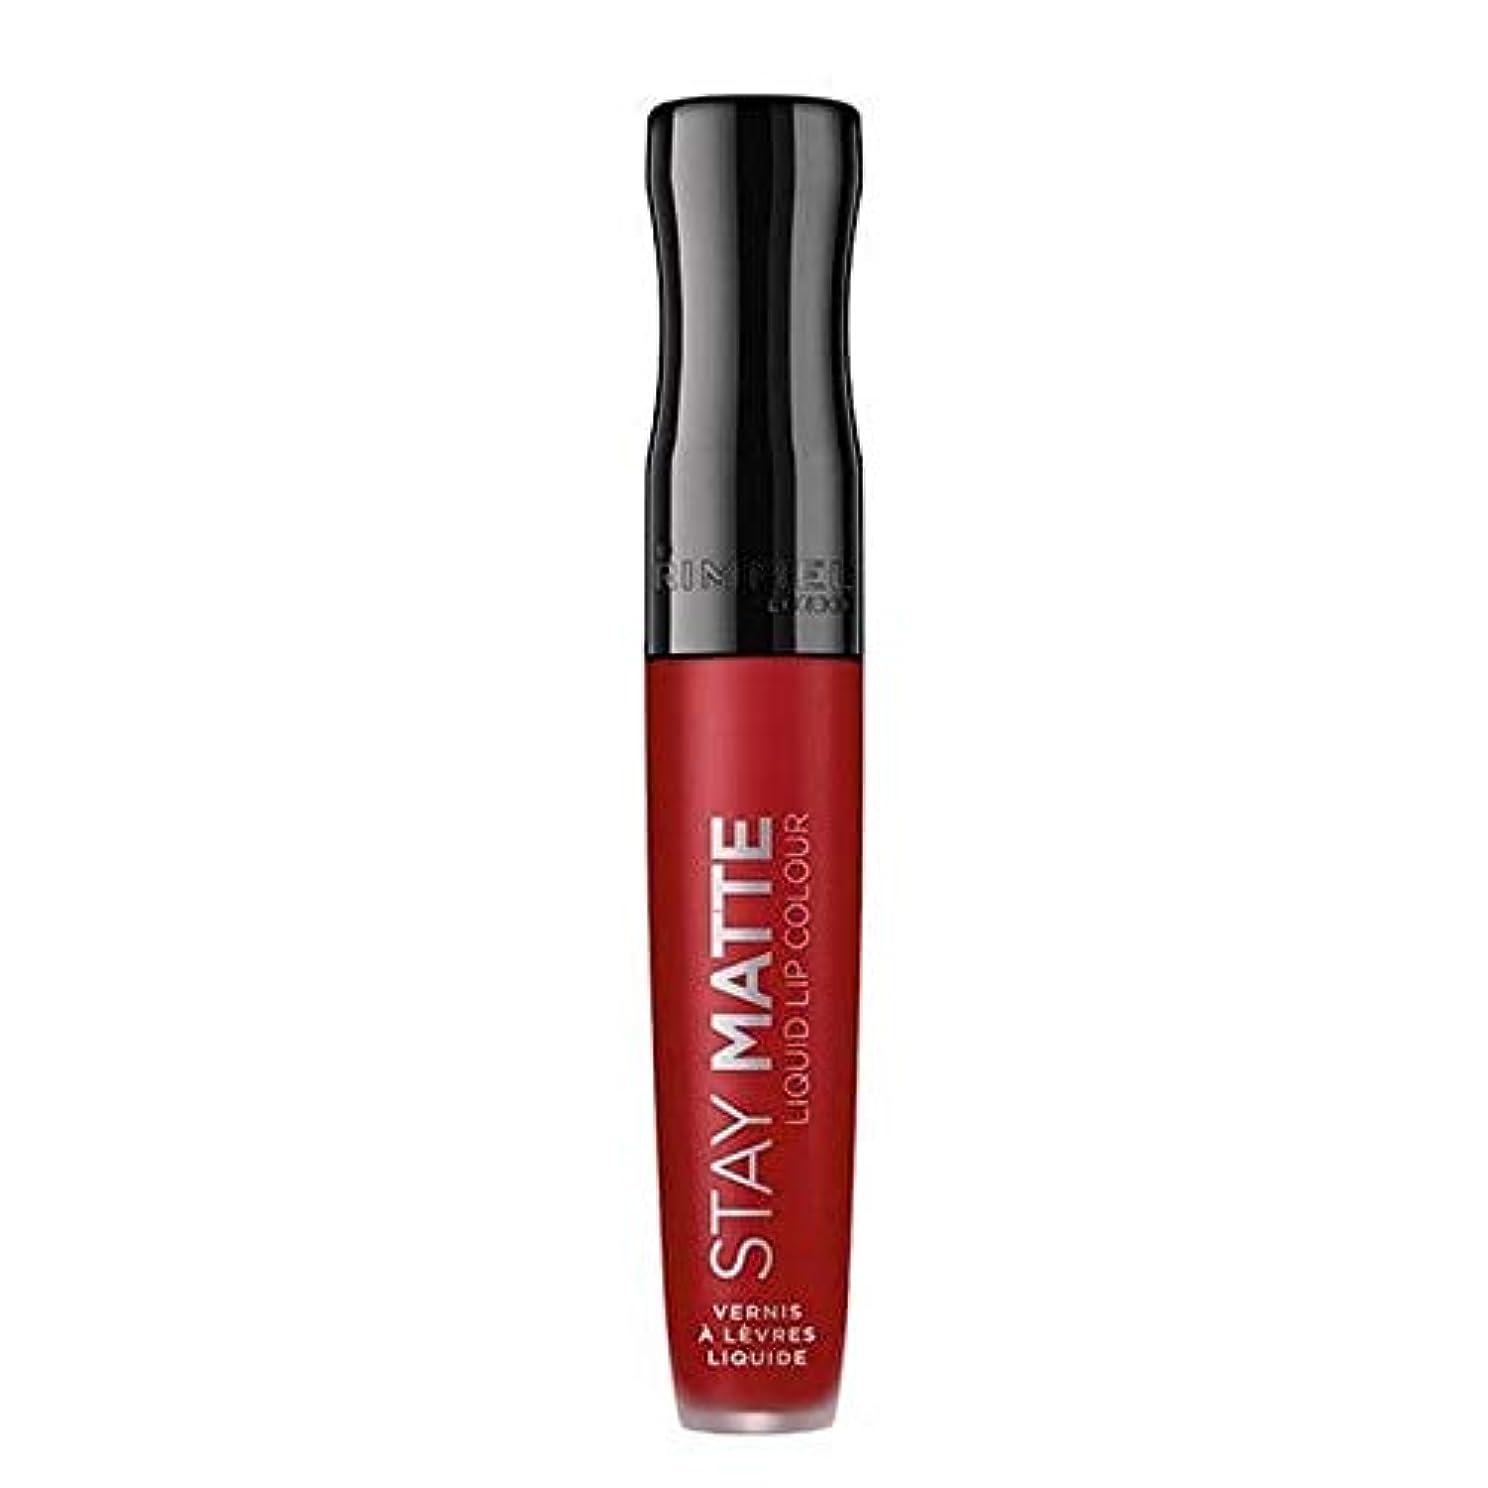 姉妹化学者貧困[Rimmel ] リンメルステイマット液状口紅火災スターター500 - Rimmel Stay Matte Liquid Lipstick Fire Starter 500 [並行輸入品]